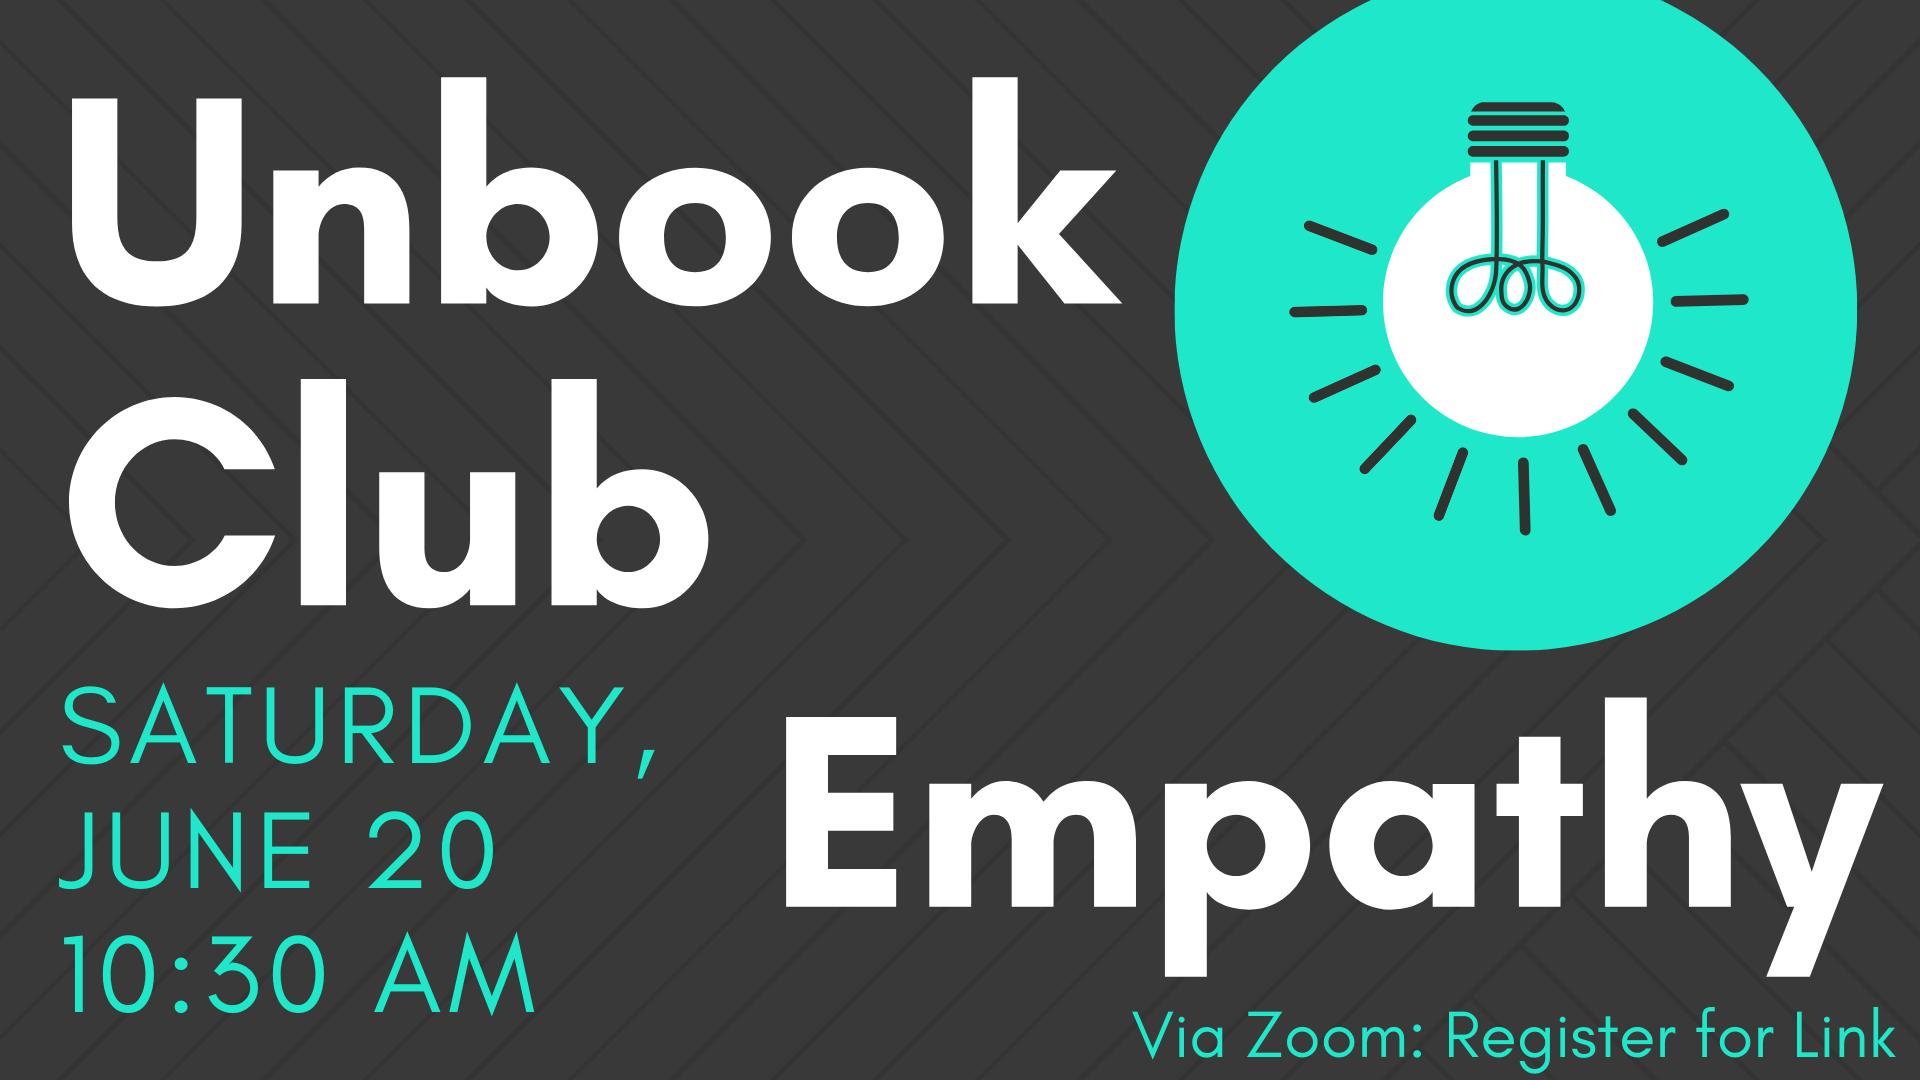 Unbook Club: Empathy